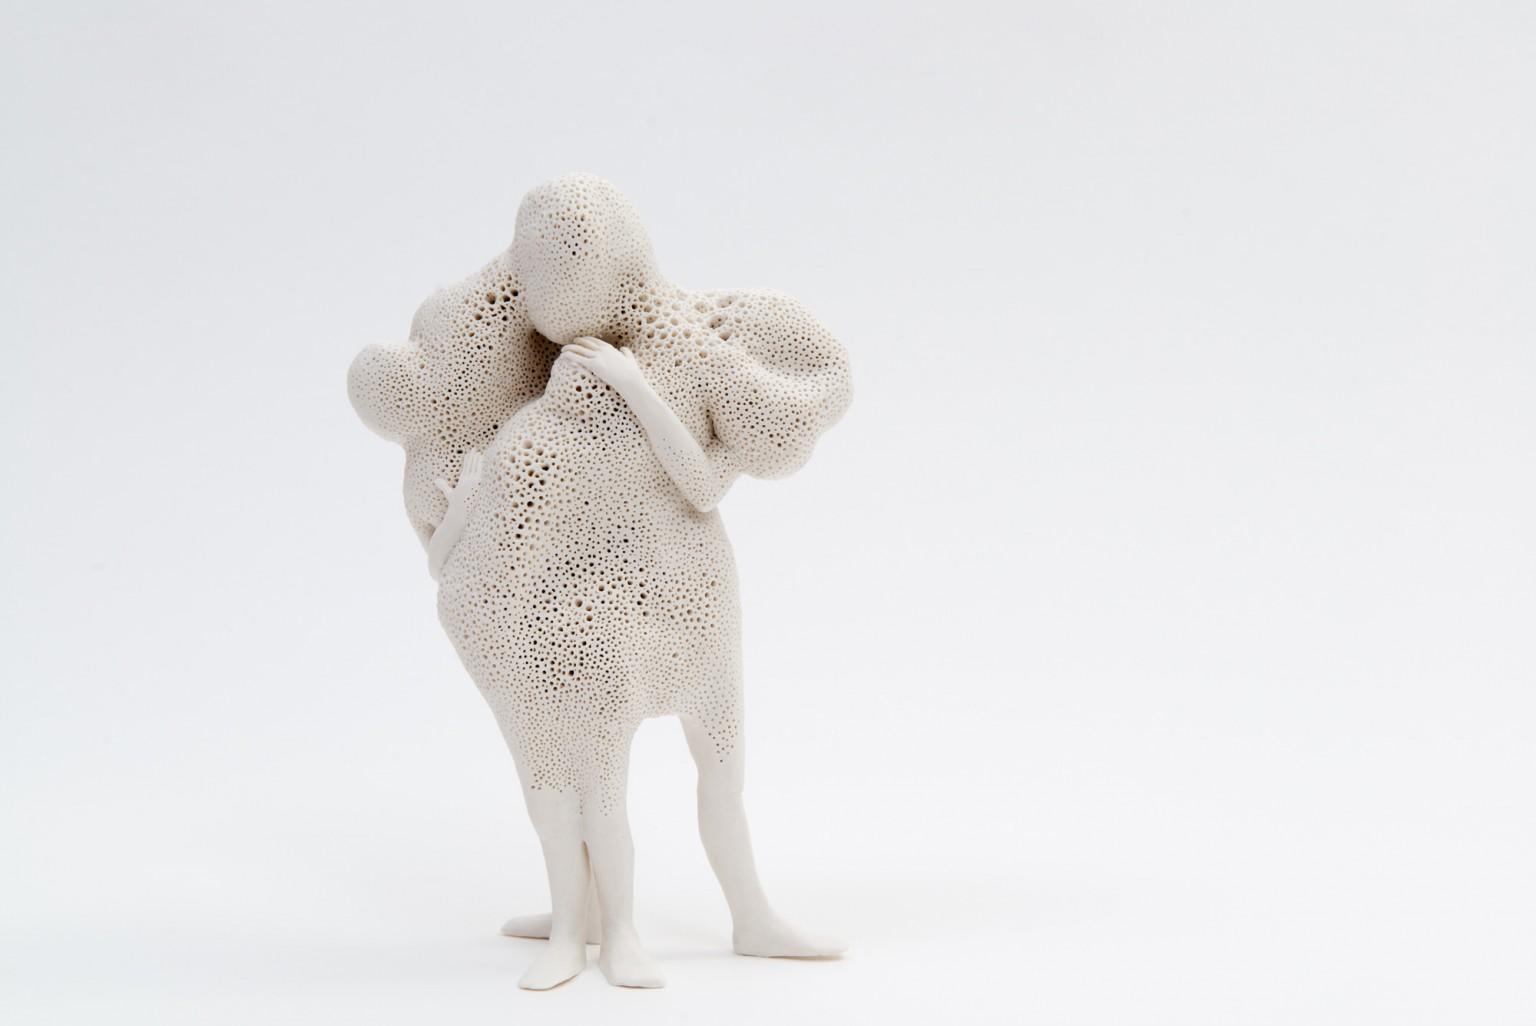 As figuras são feitas de porcelana inglesa e são do tamanho de uma mão.